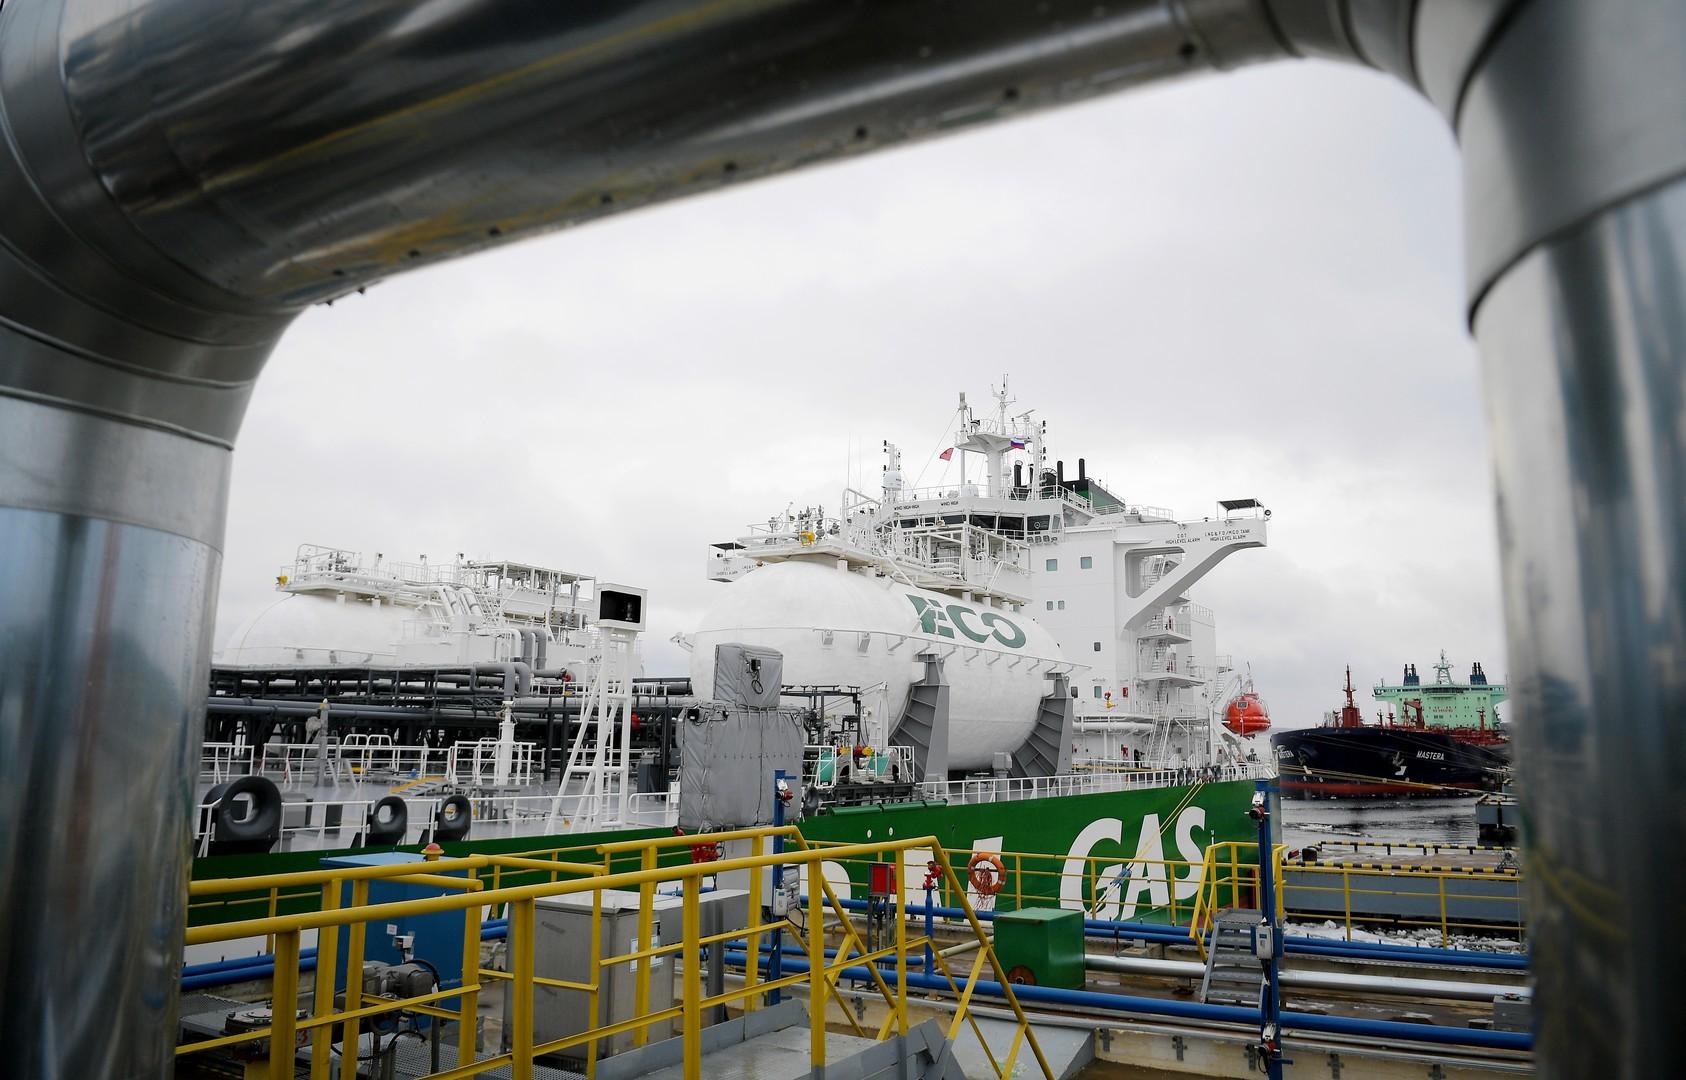 روسيا تتوسط دولتين عربيتين في توريدات الغاز المسال إلى أوروبا